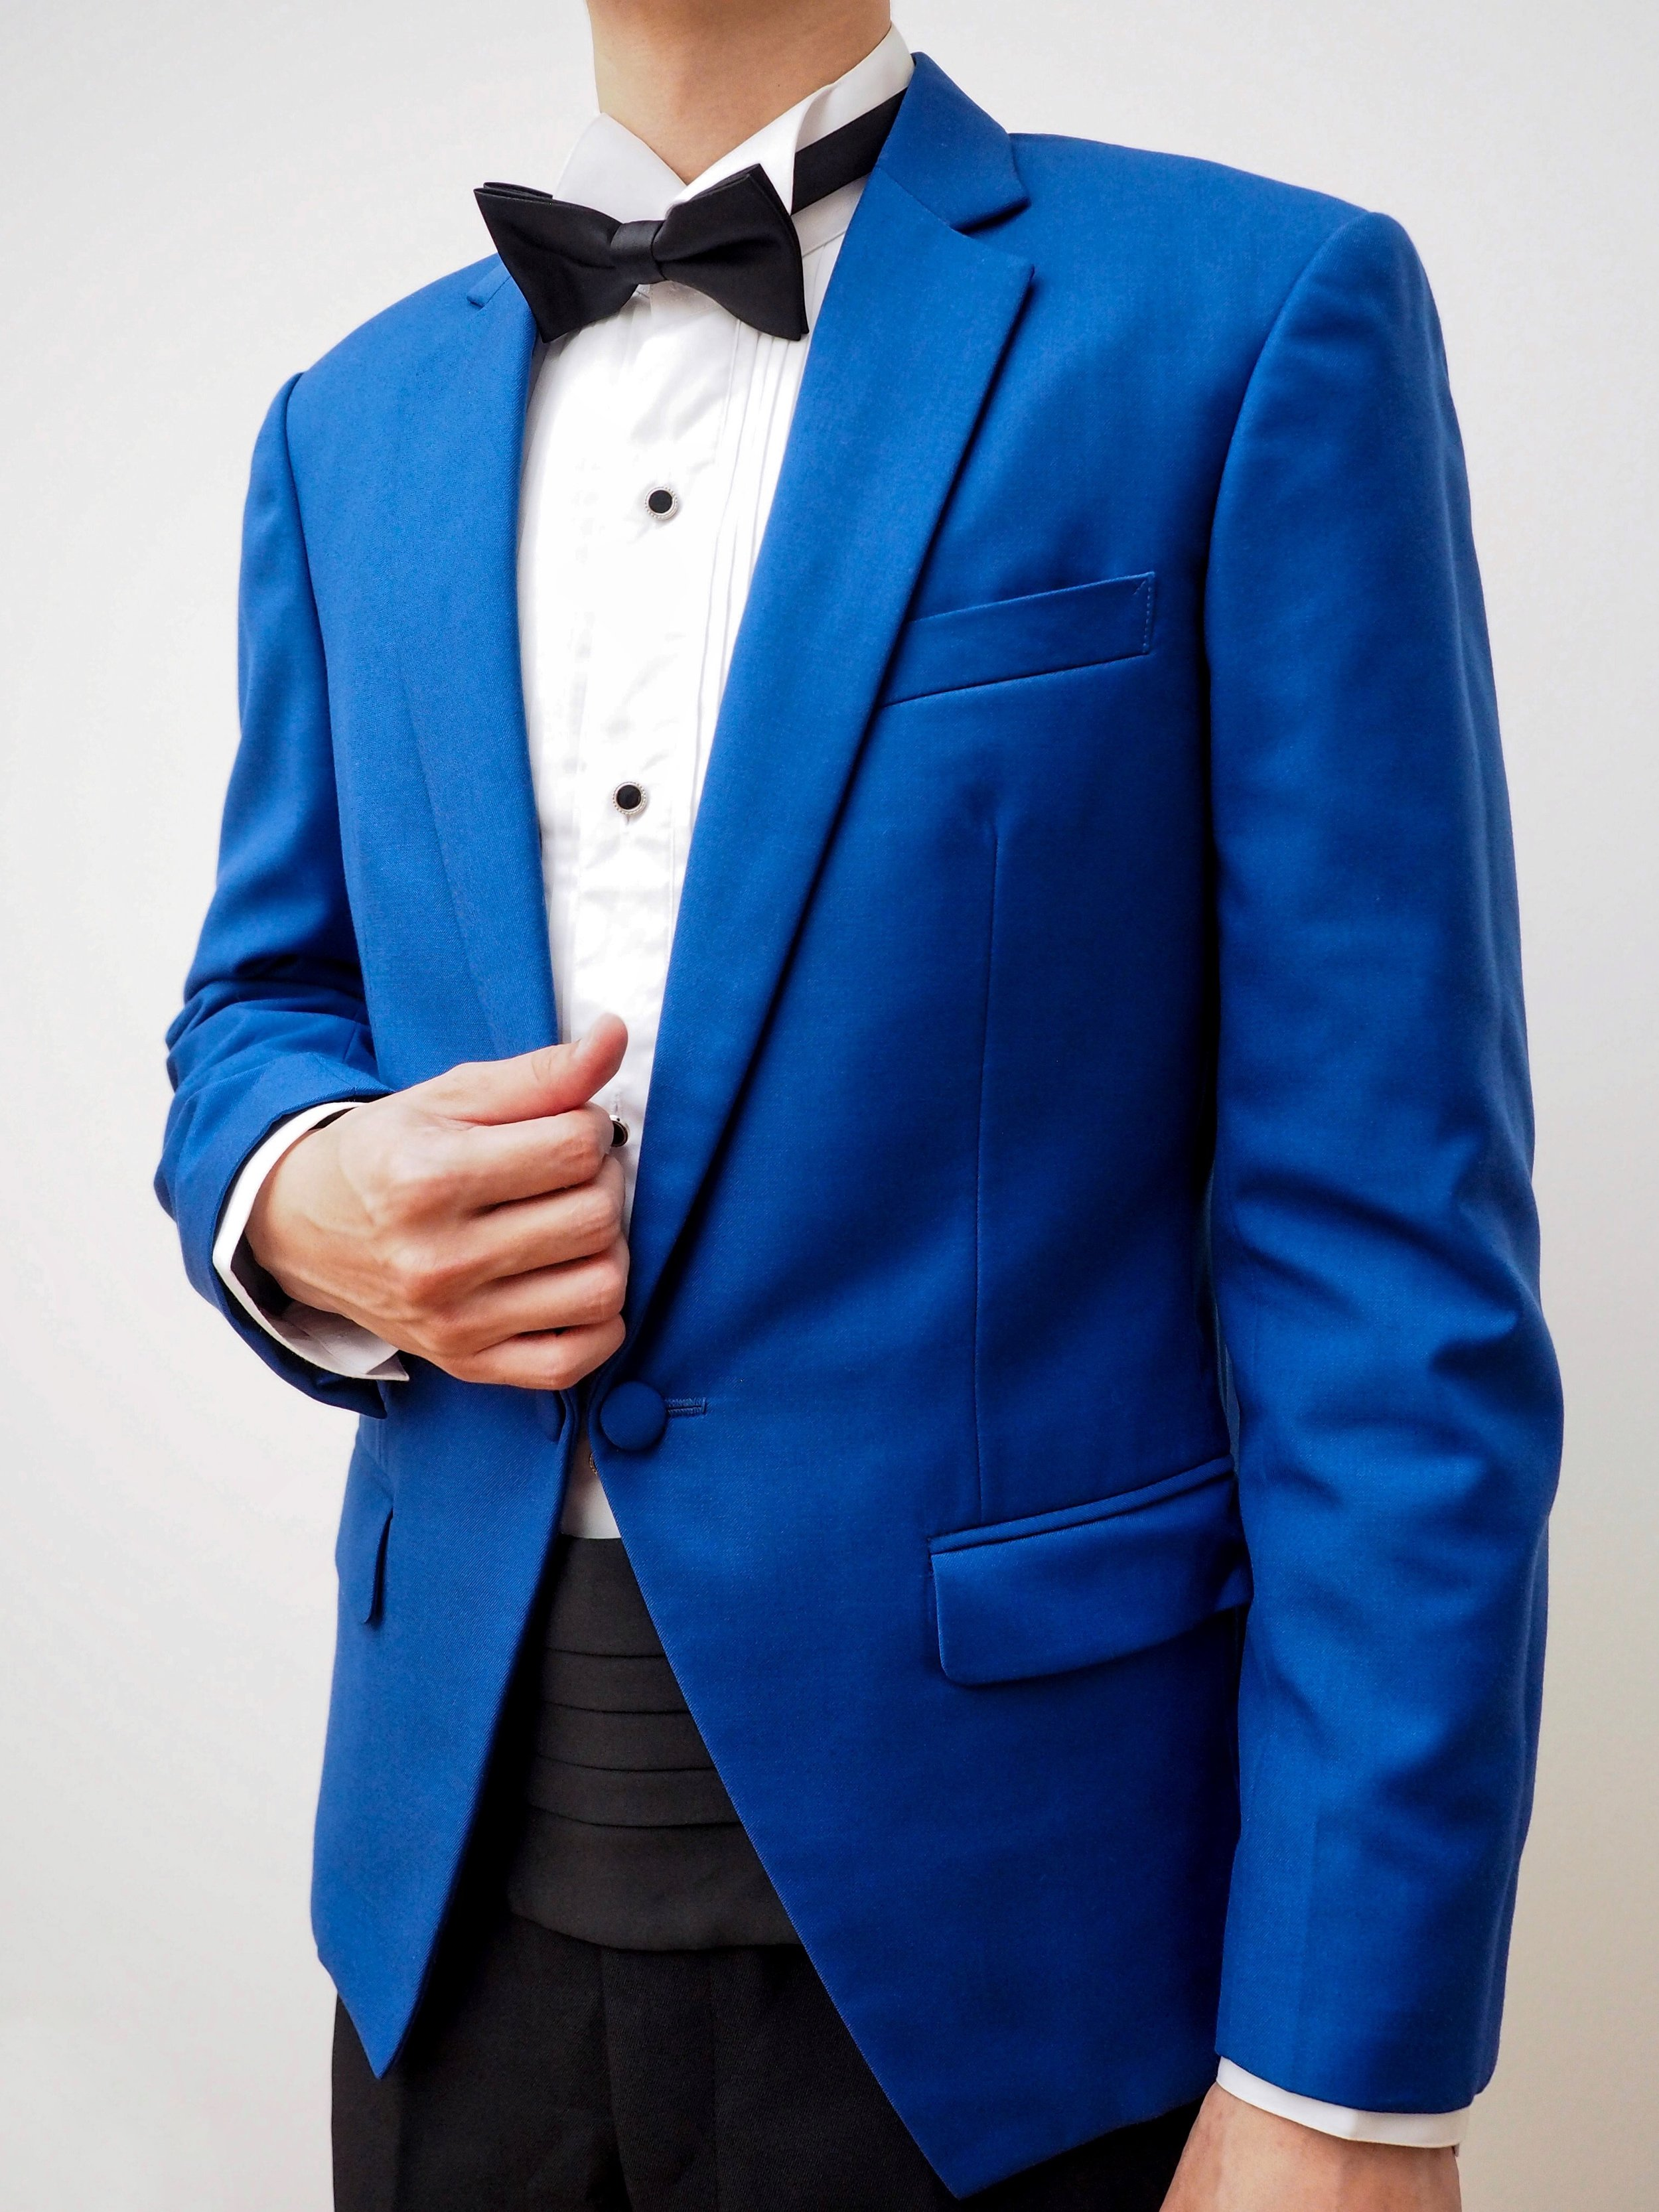 Santorini blue suit by CCM Wedding